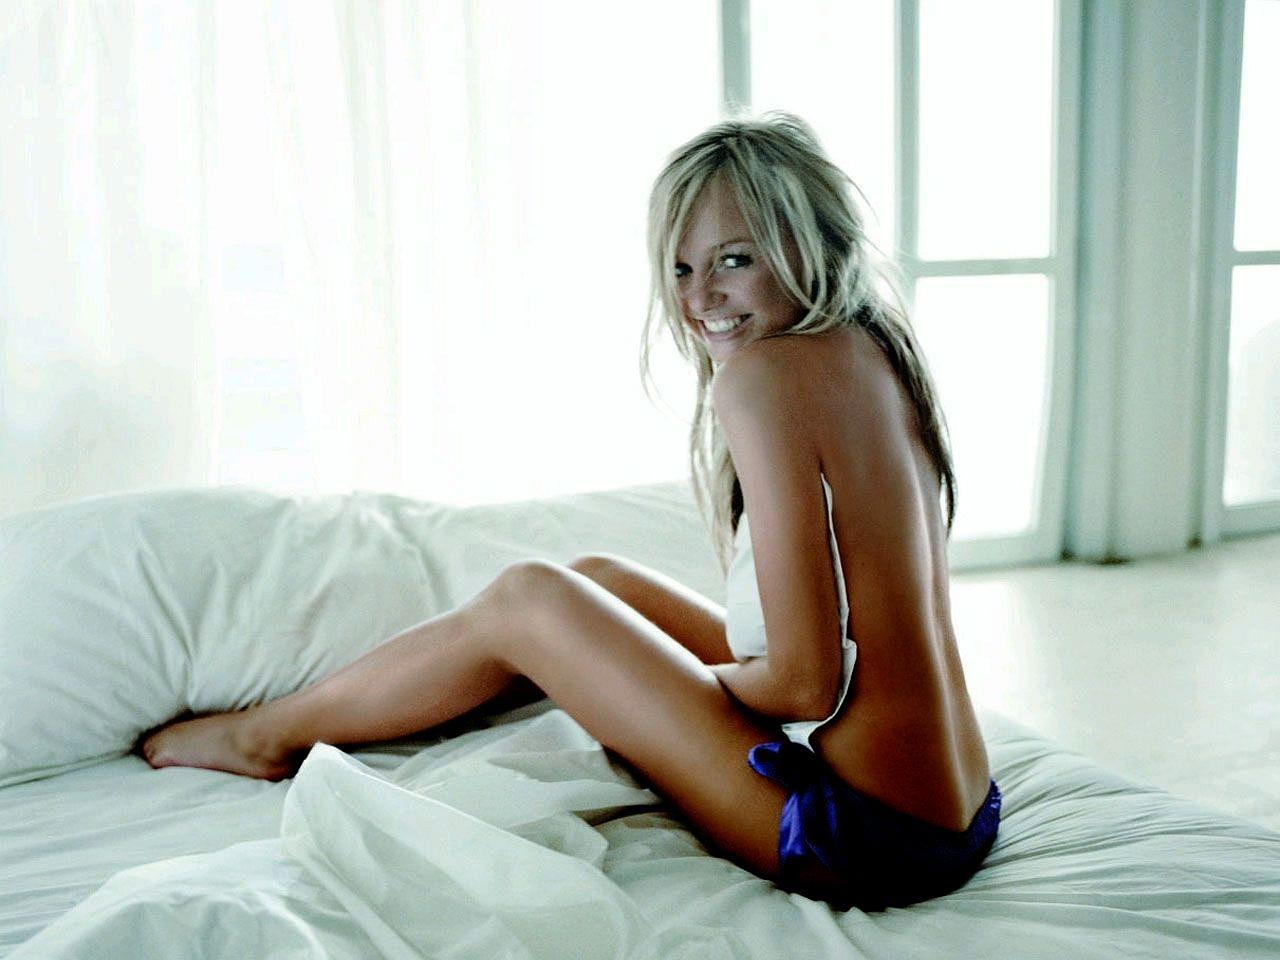 http://4.bp.blogspot.com/-U4OWUY0aQFQ/TzBBB8YaLcI/AAAAAAAABS0/TiNWayy39EI/s1600/2005-celebrity_emma_bunton_wallpaper.jpg